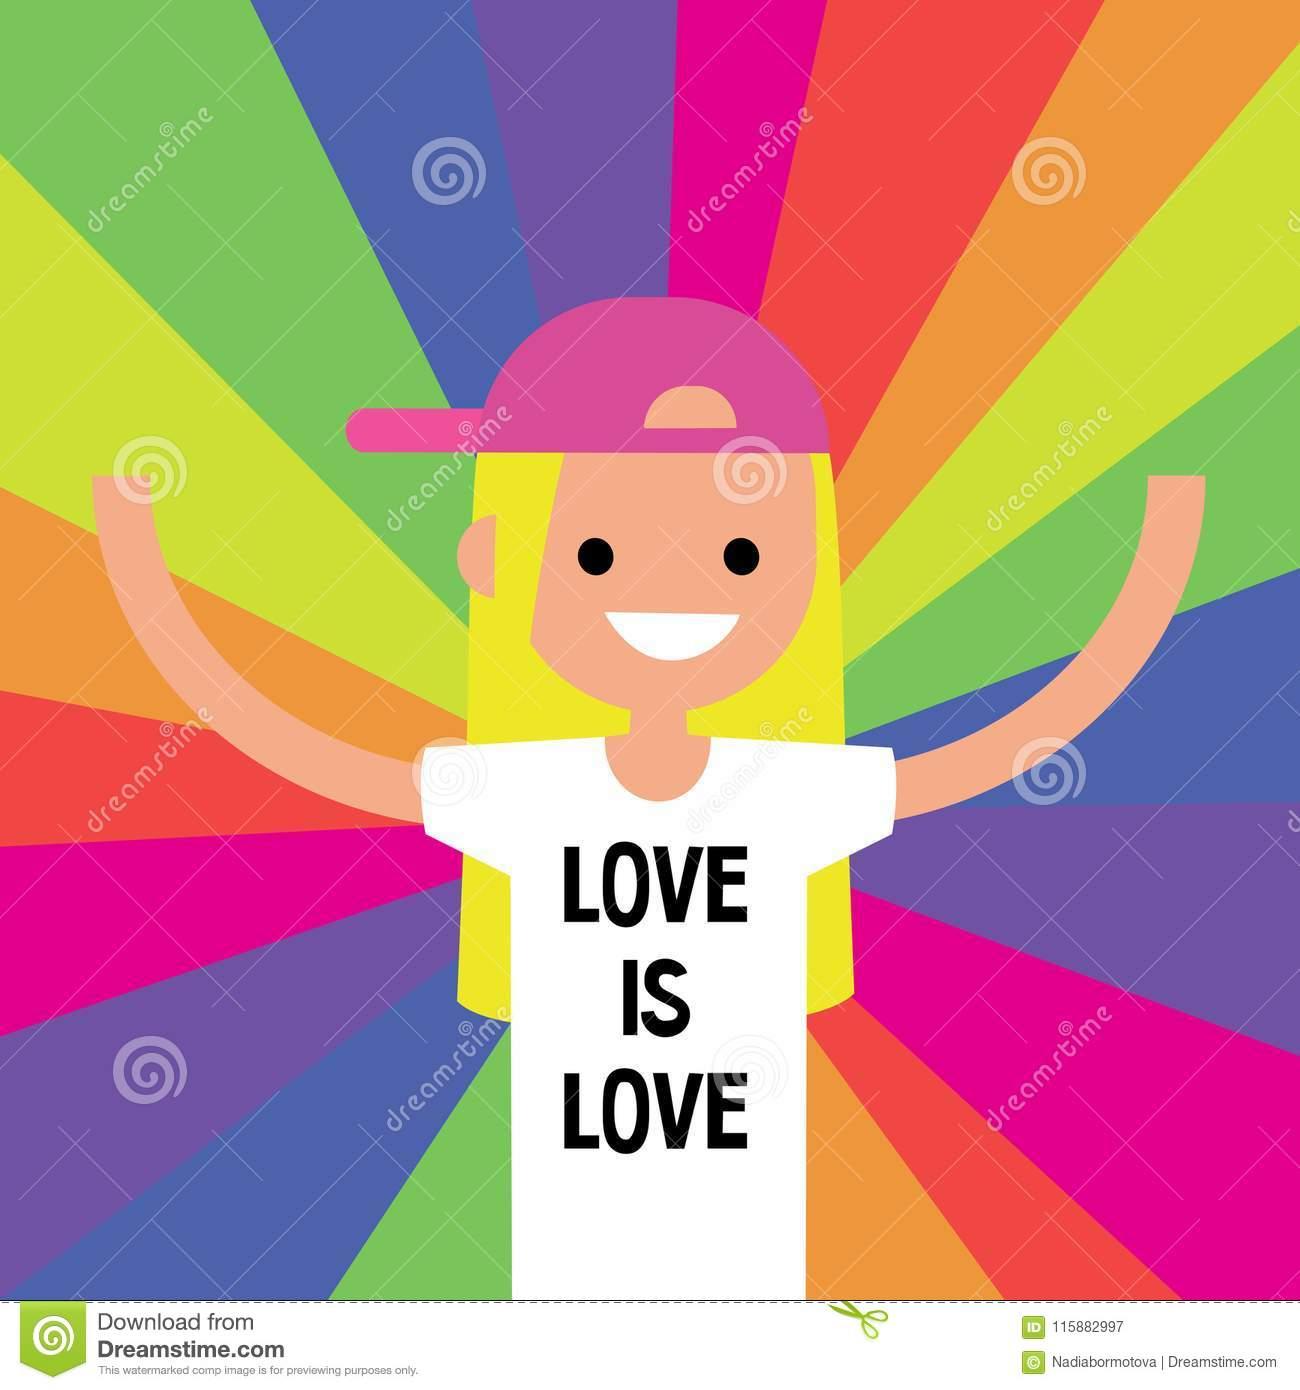 LGBTQ Rainbow. LGBT Rights Conceptual Illustration / Flat.